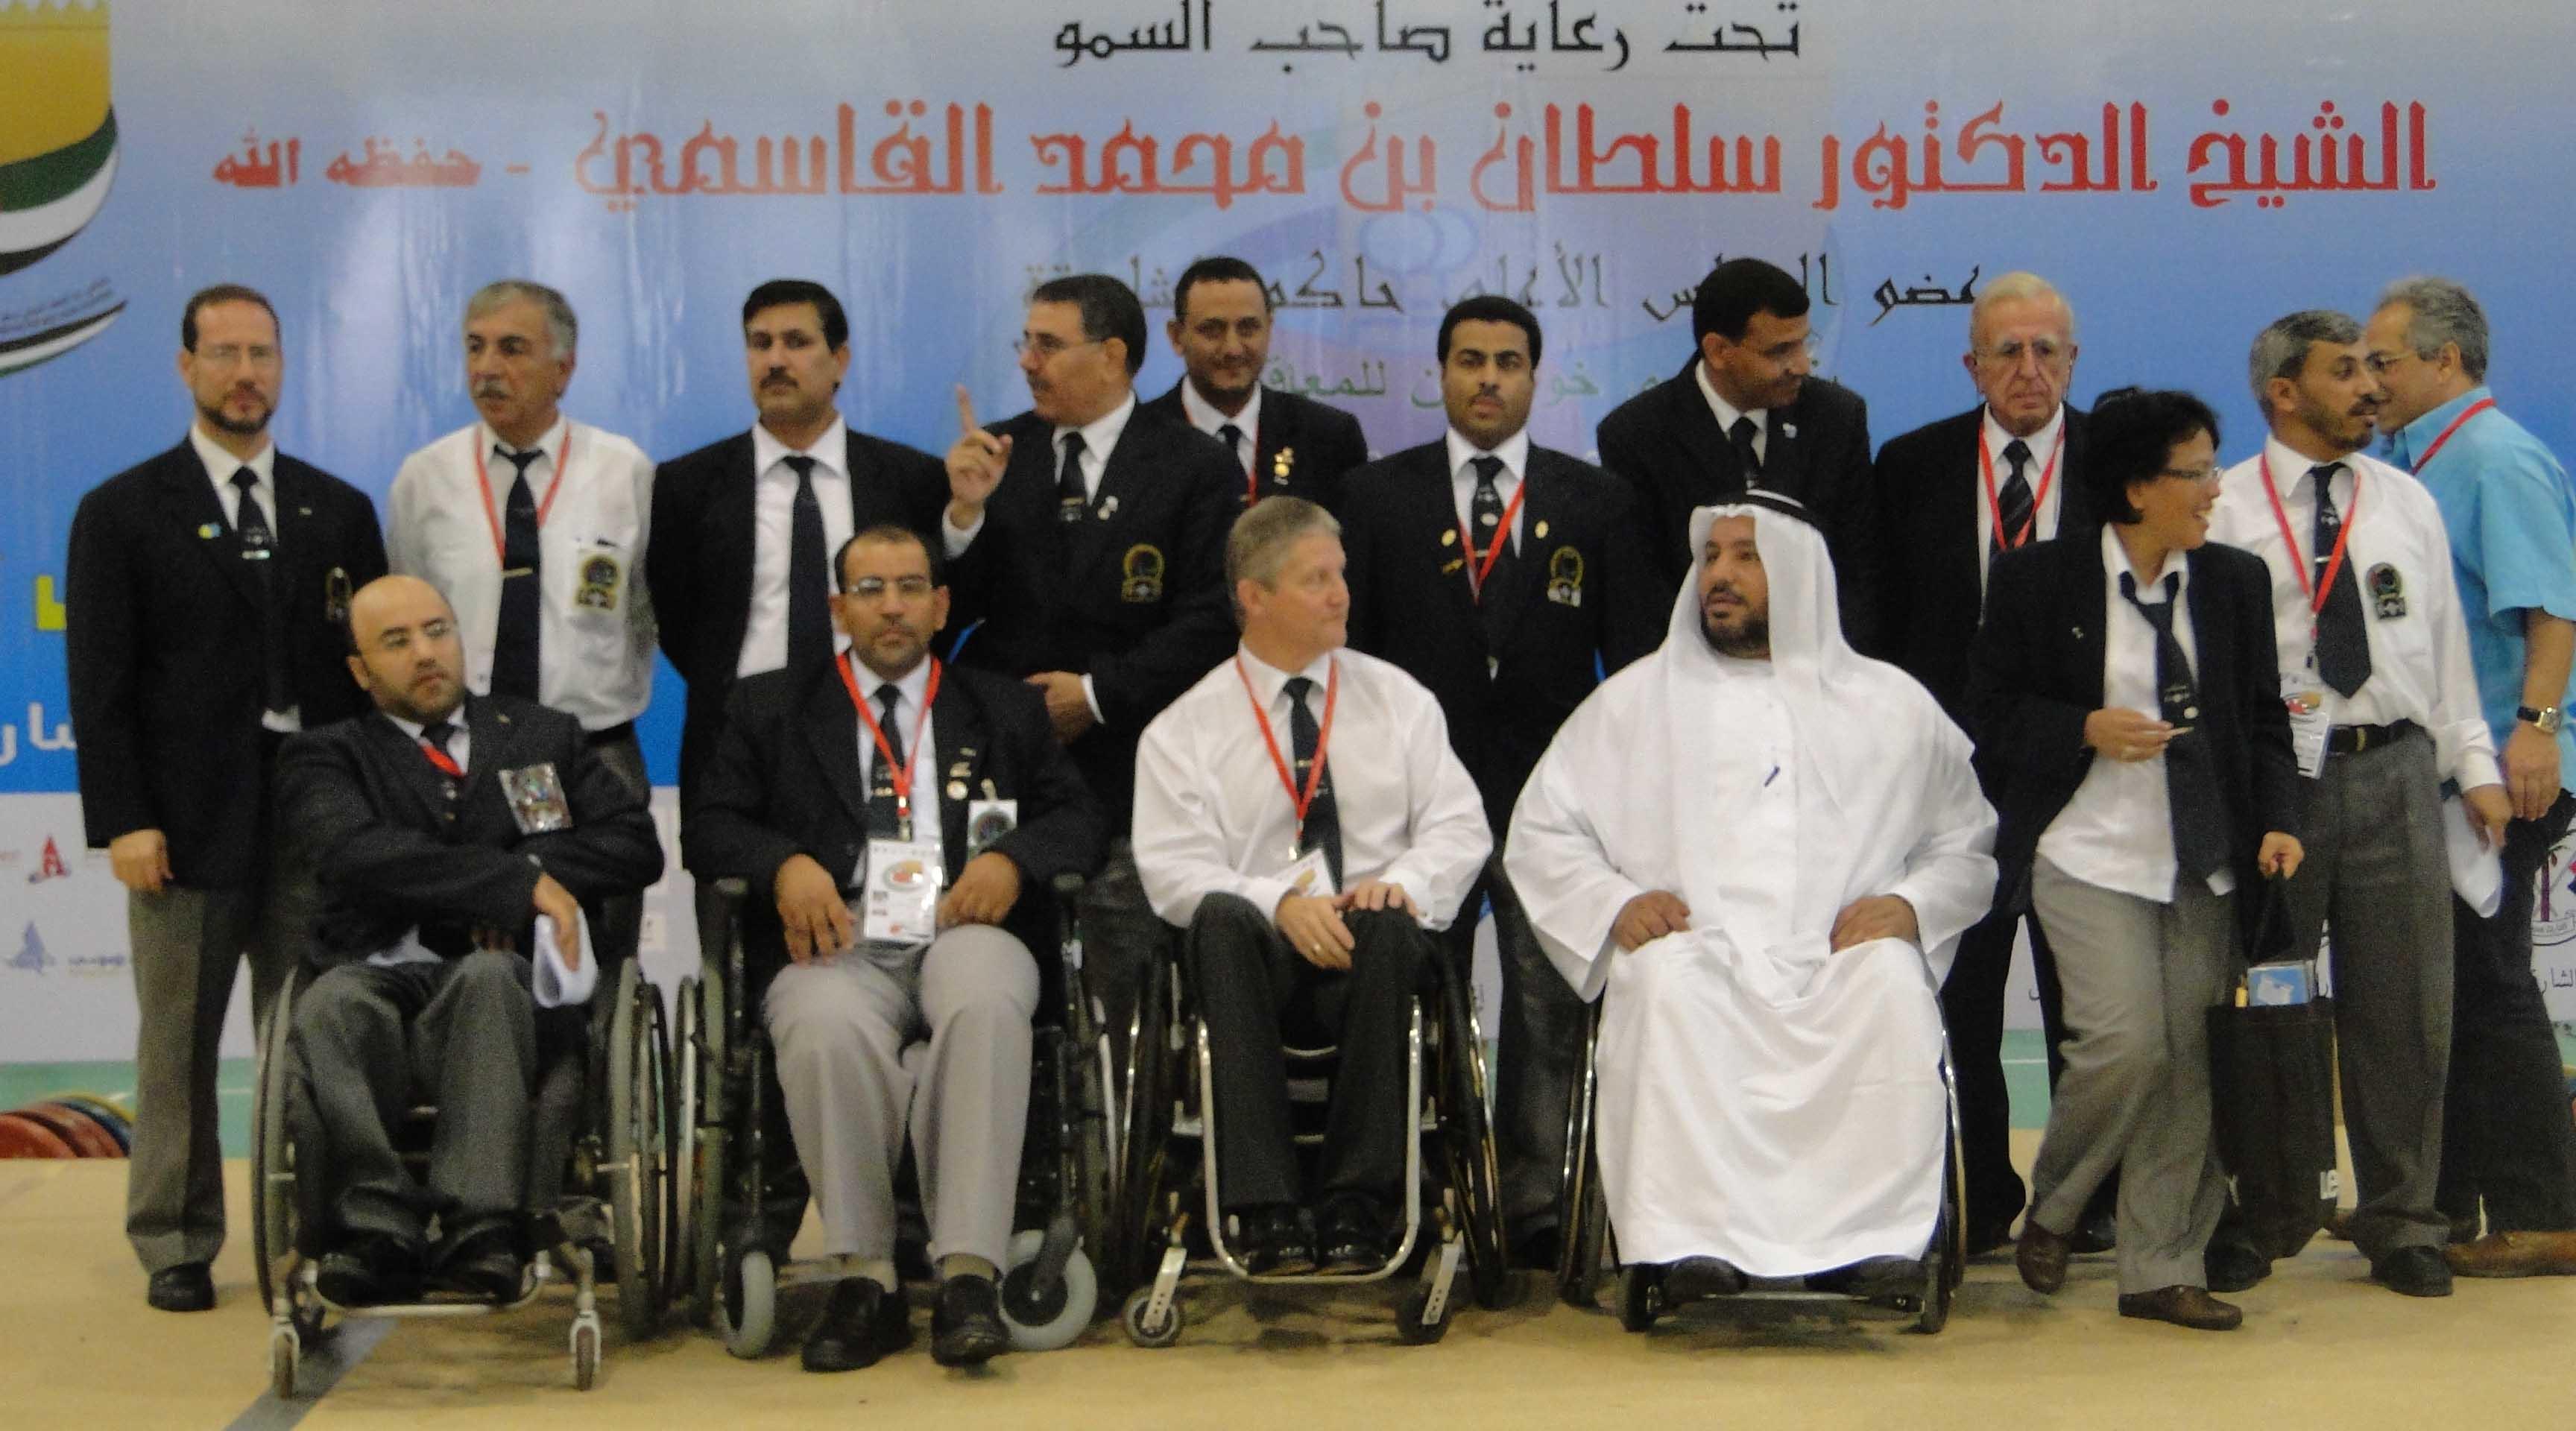 بطولة غرب آسيا لرفع الأثقال للمعاقين - الامارات 2009